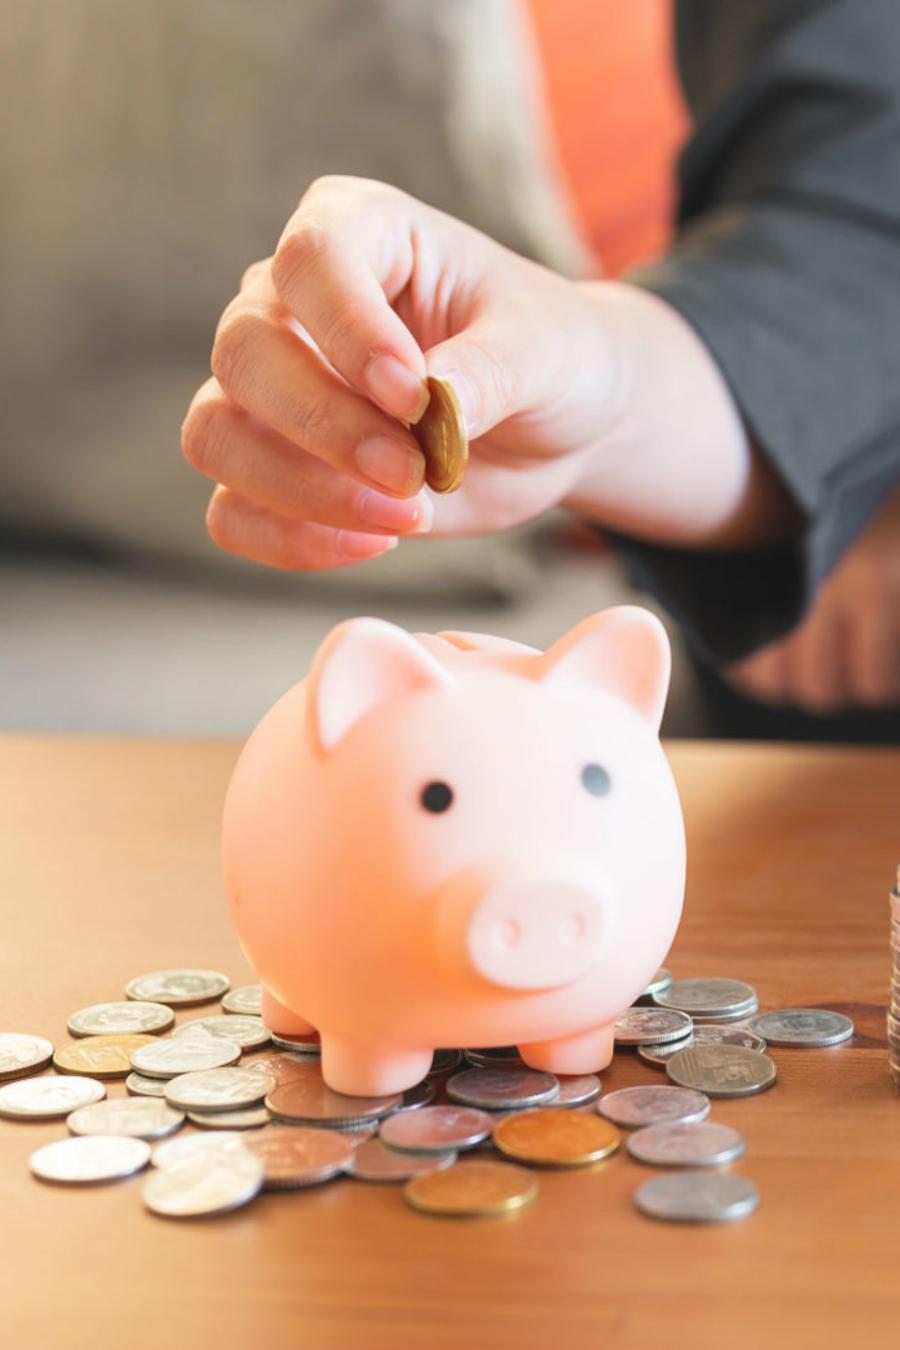 Mujer colocando dinero en la alcancía